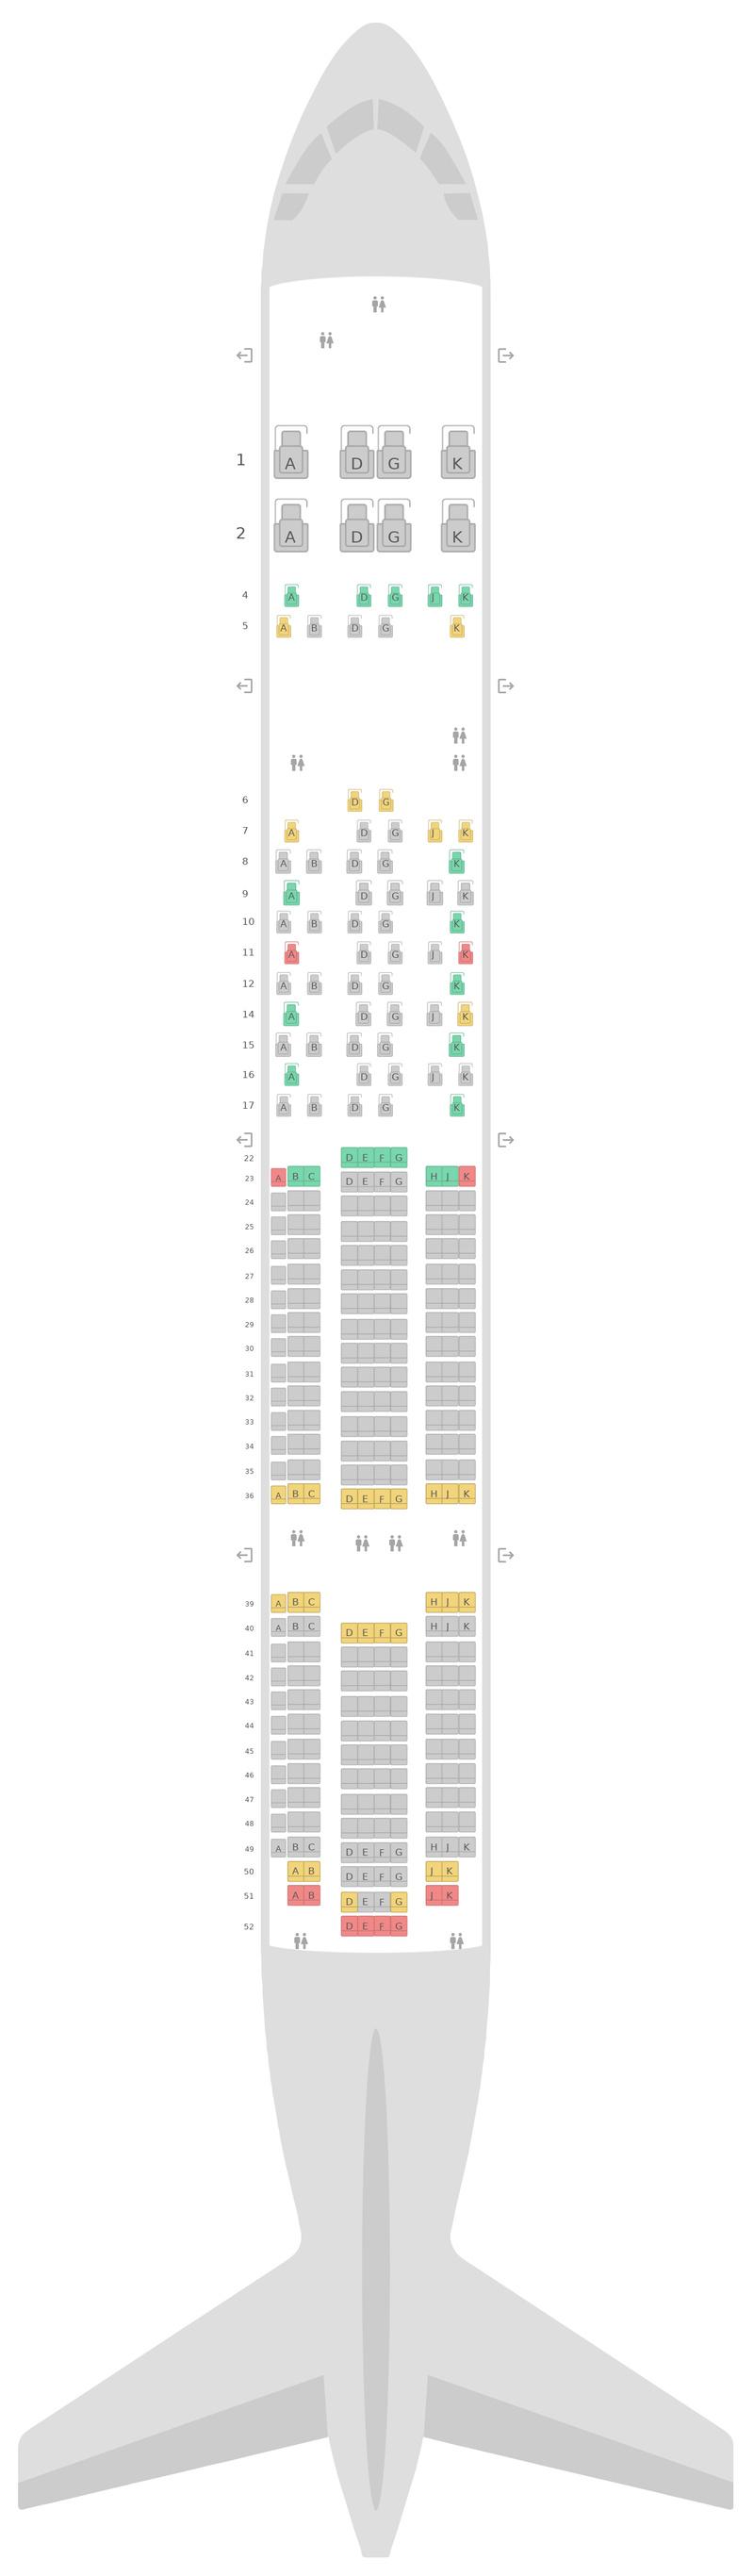 Схема салона Боинг 777-300ER (77W) Swiss International Air Lines